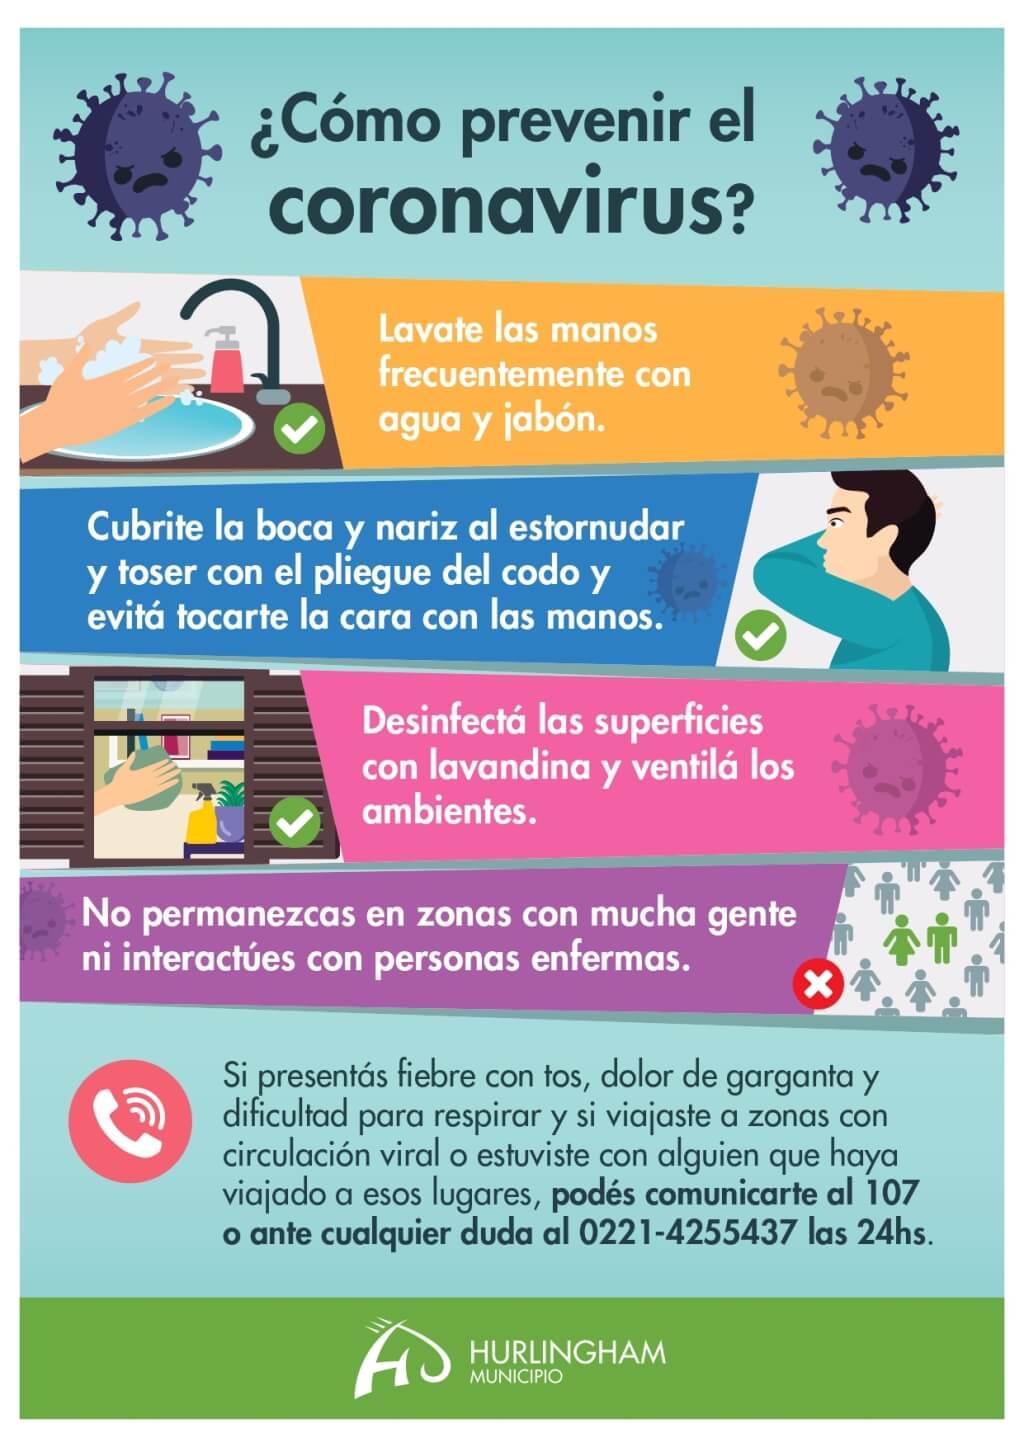 Covid 19 - Corona Virus - Prevención - Municipalidad de Hurlingham